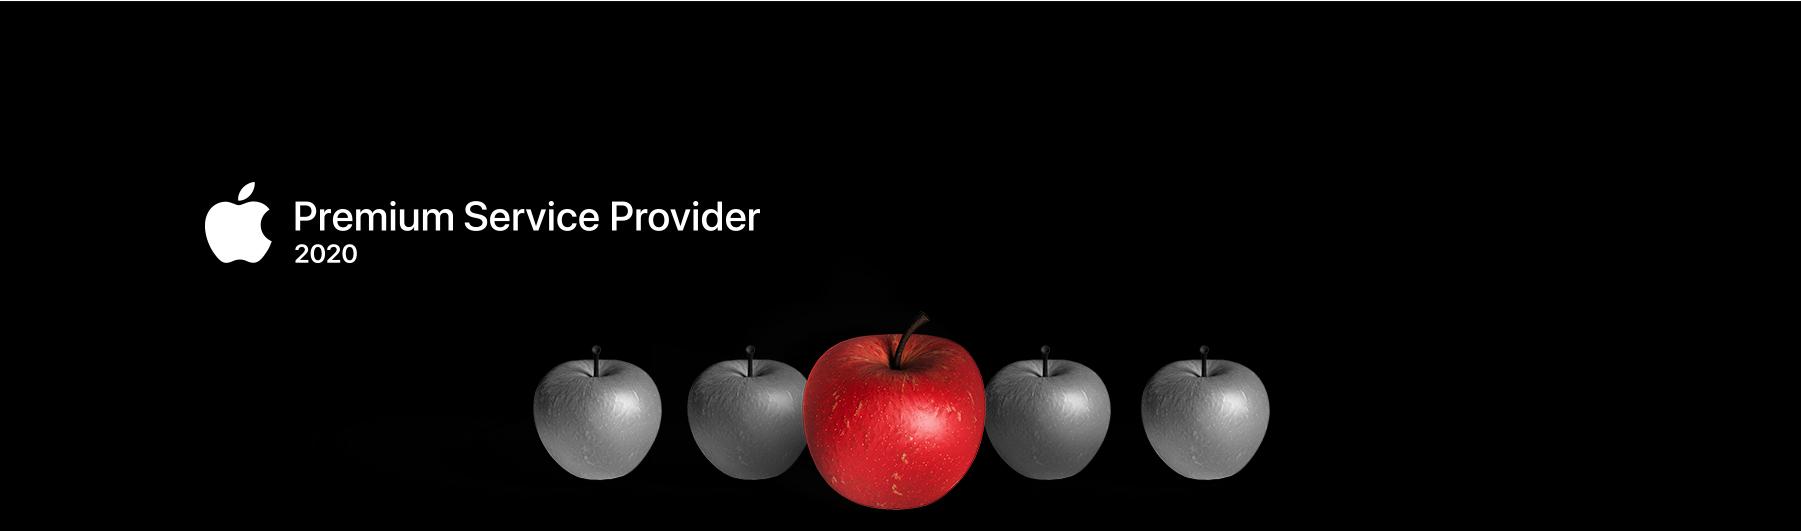 Somos Premium Service Provider 2020